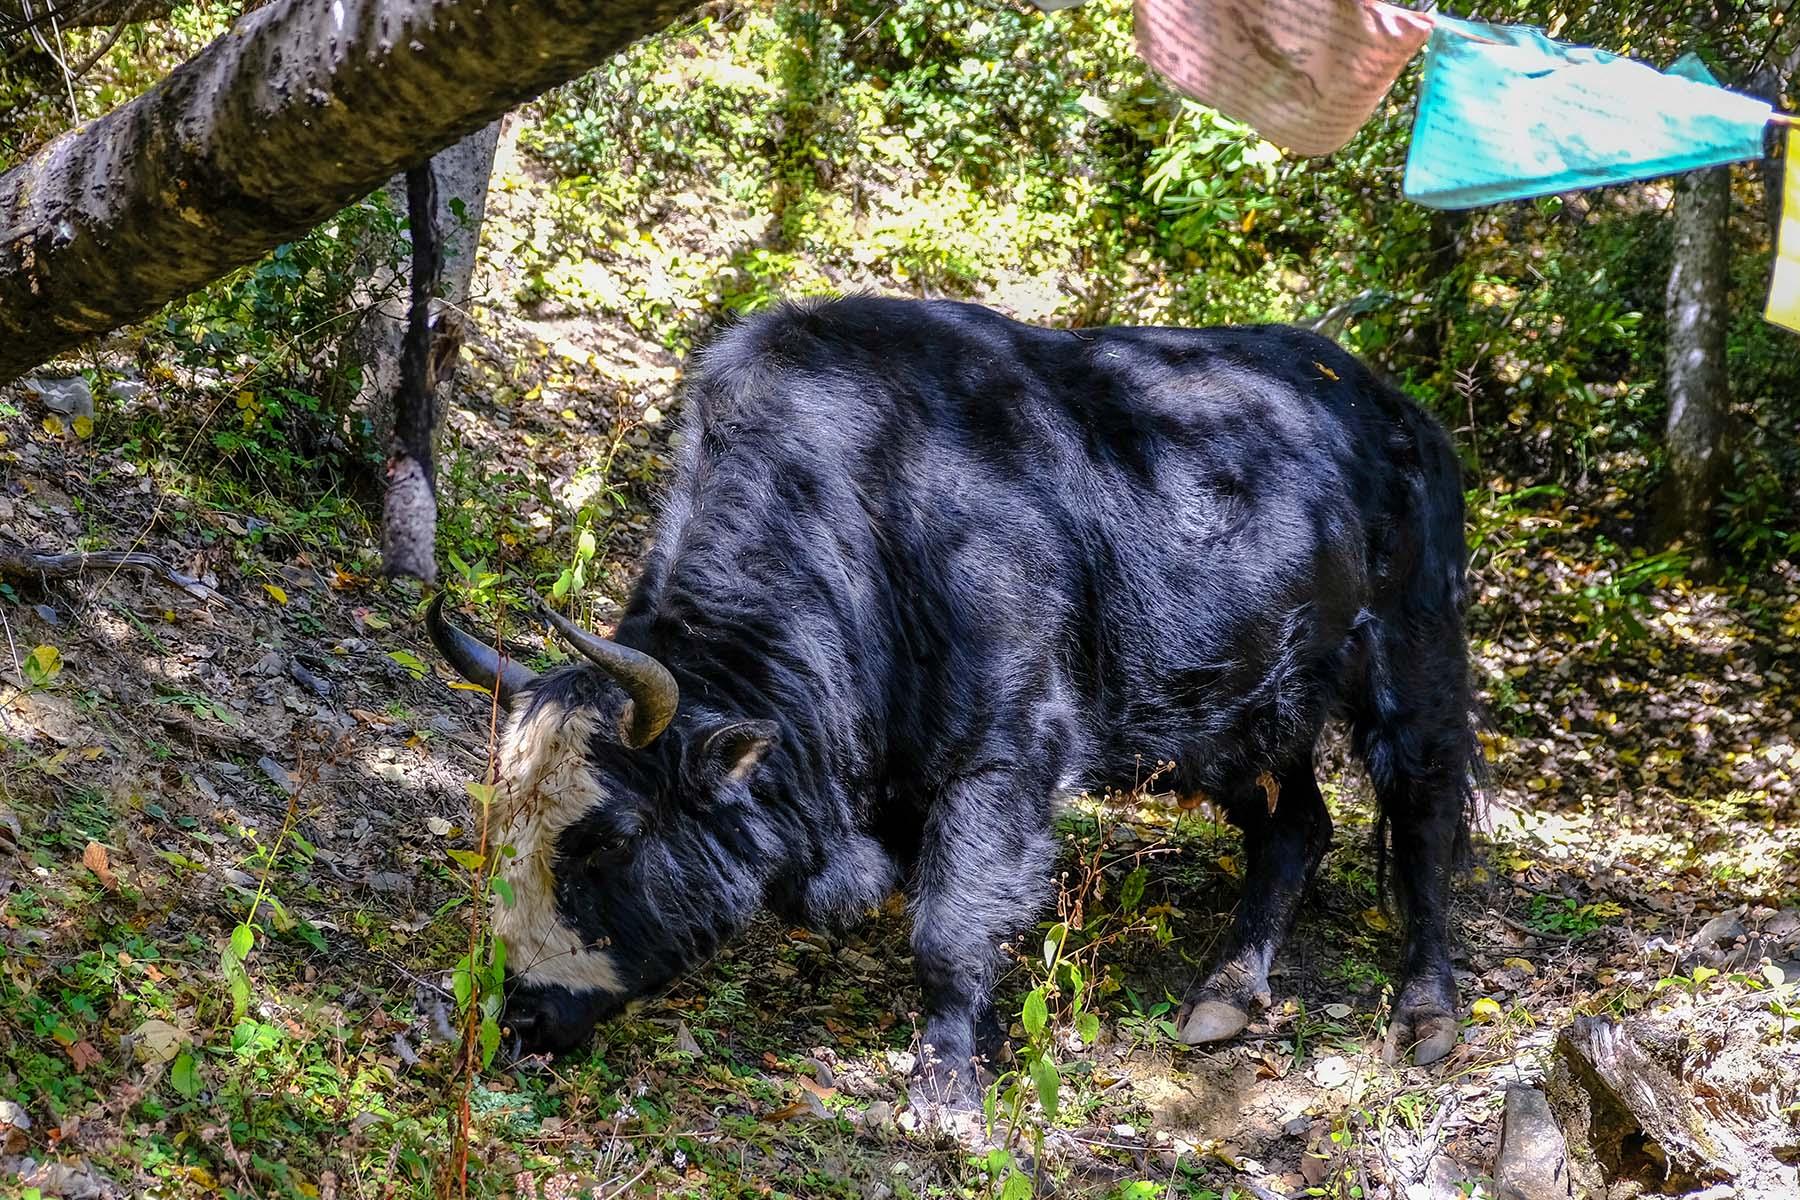 Eine Kuh im Wald nahe des Mingyong Gletschers in Yunnan, China im Herbst